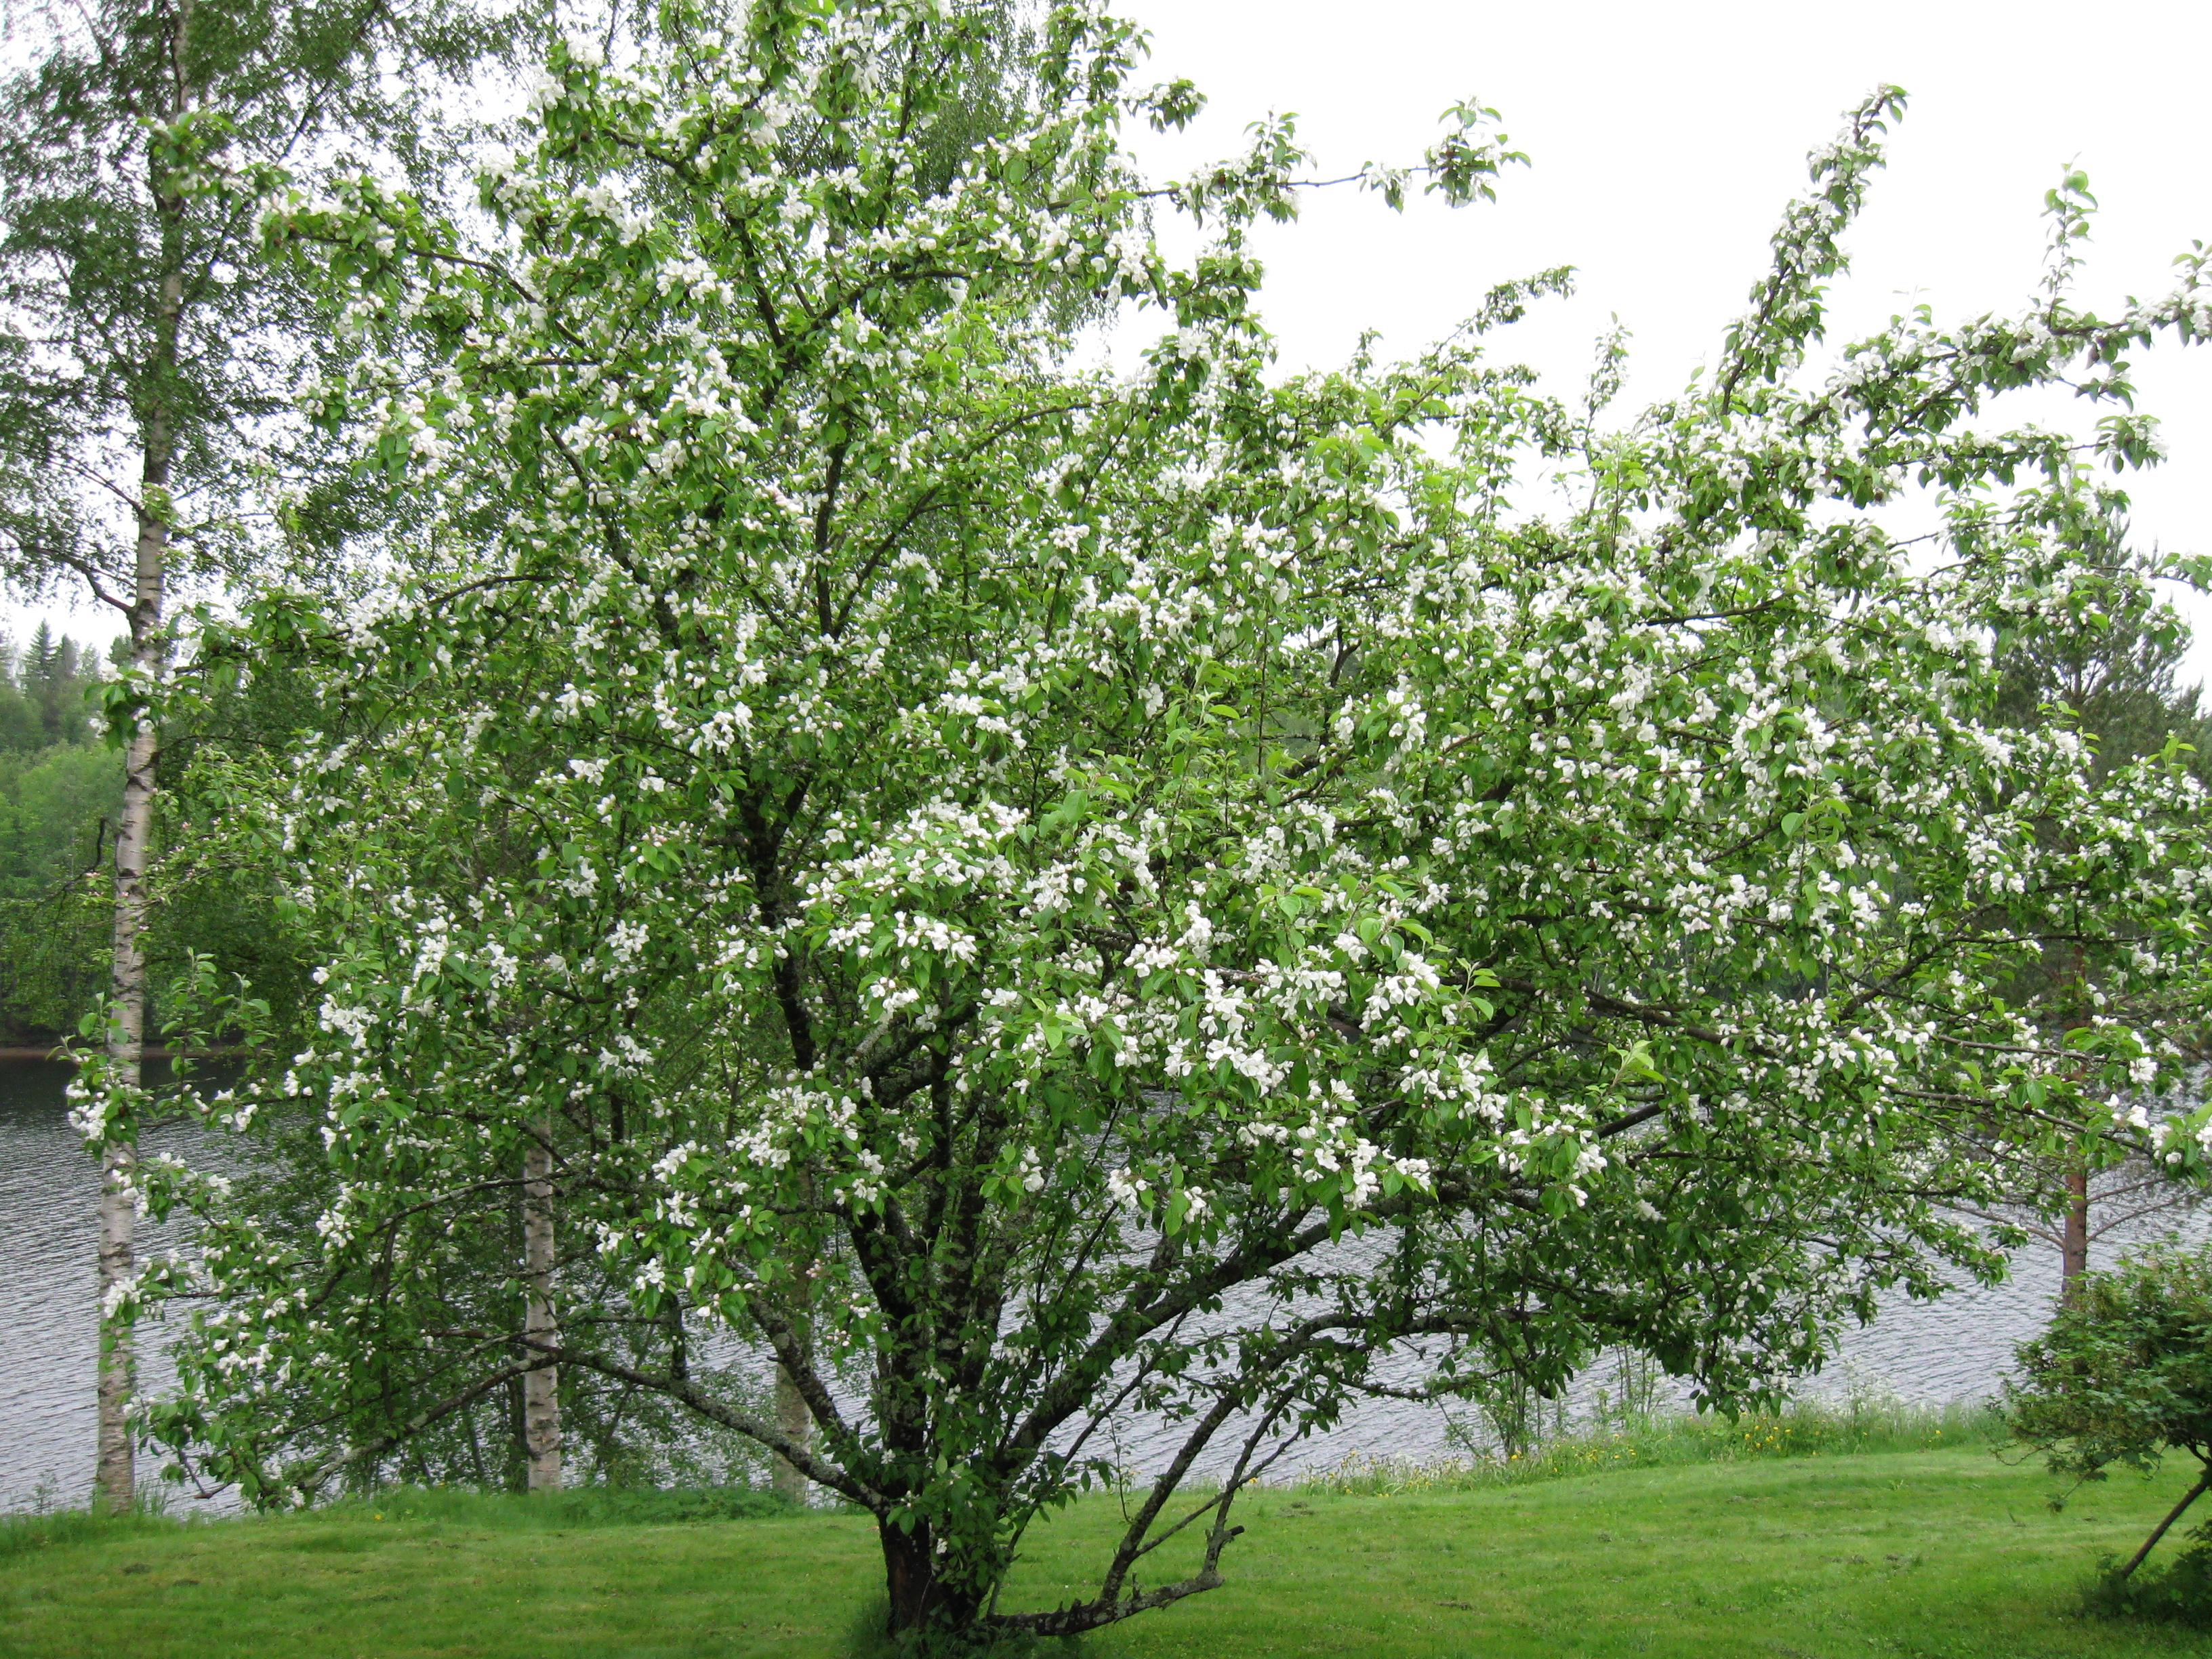 Charming File:Apple Tree In A Garden.JPG